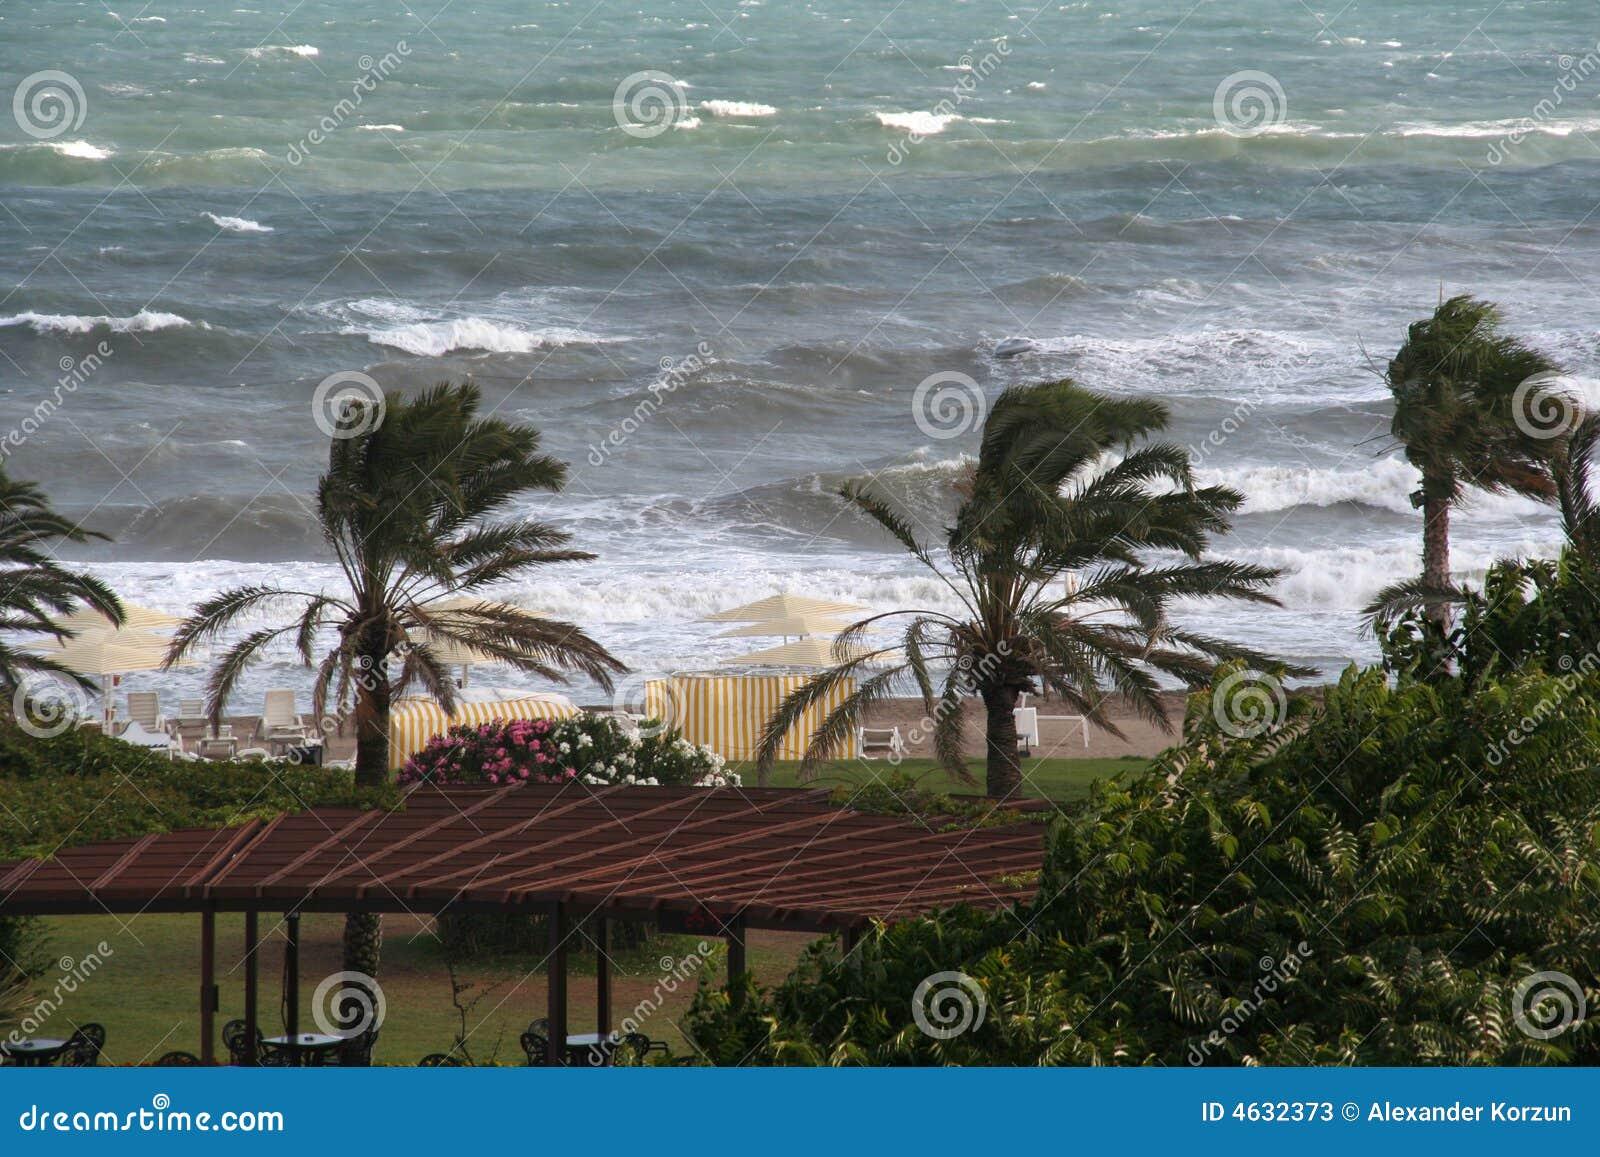 Ventos, ondas e o sol (mar Mediterrâneo)